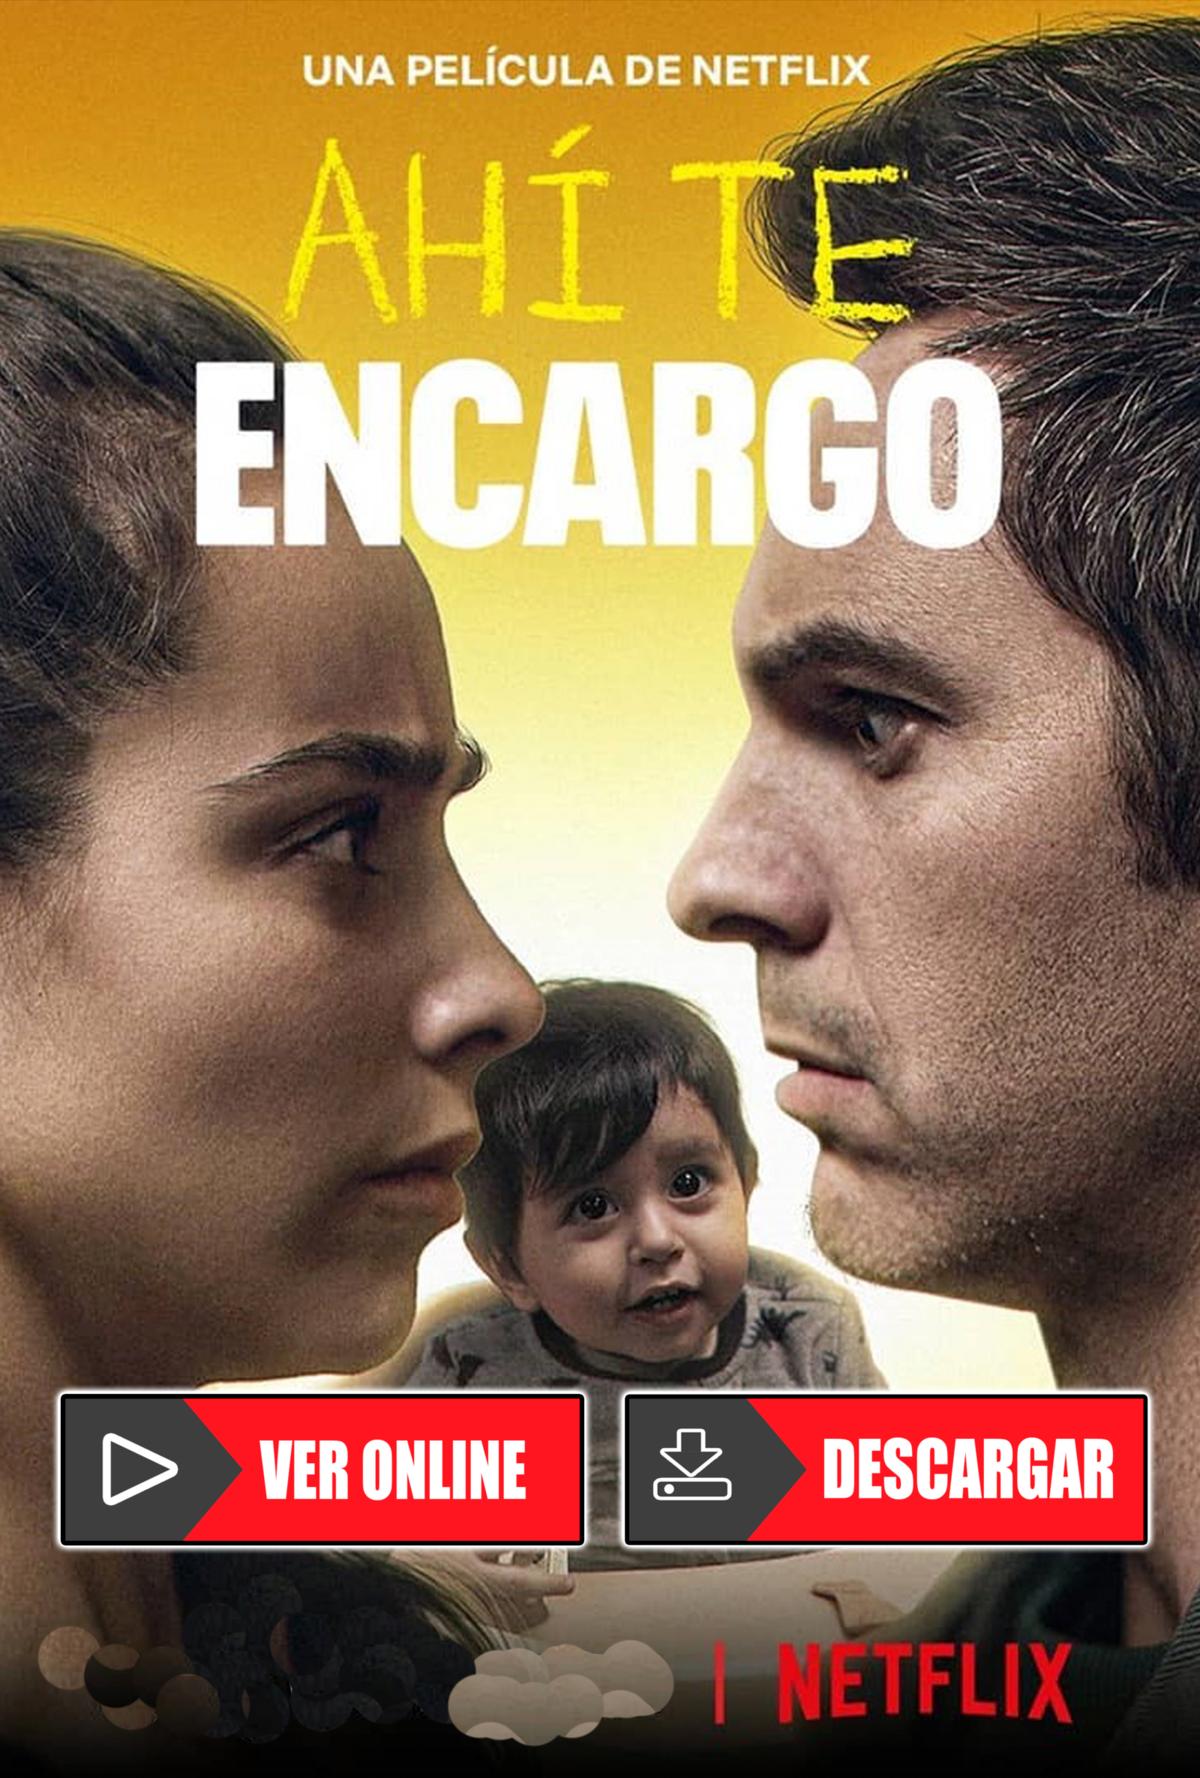 Descargar Ahi Te Encargo Pelicula Completa En Espanol Google Drive Mega Amazon Prime Movies Comedy Movies Prime Movies